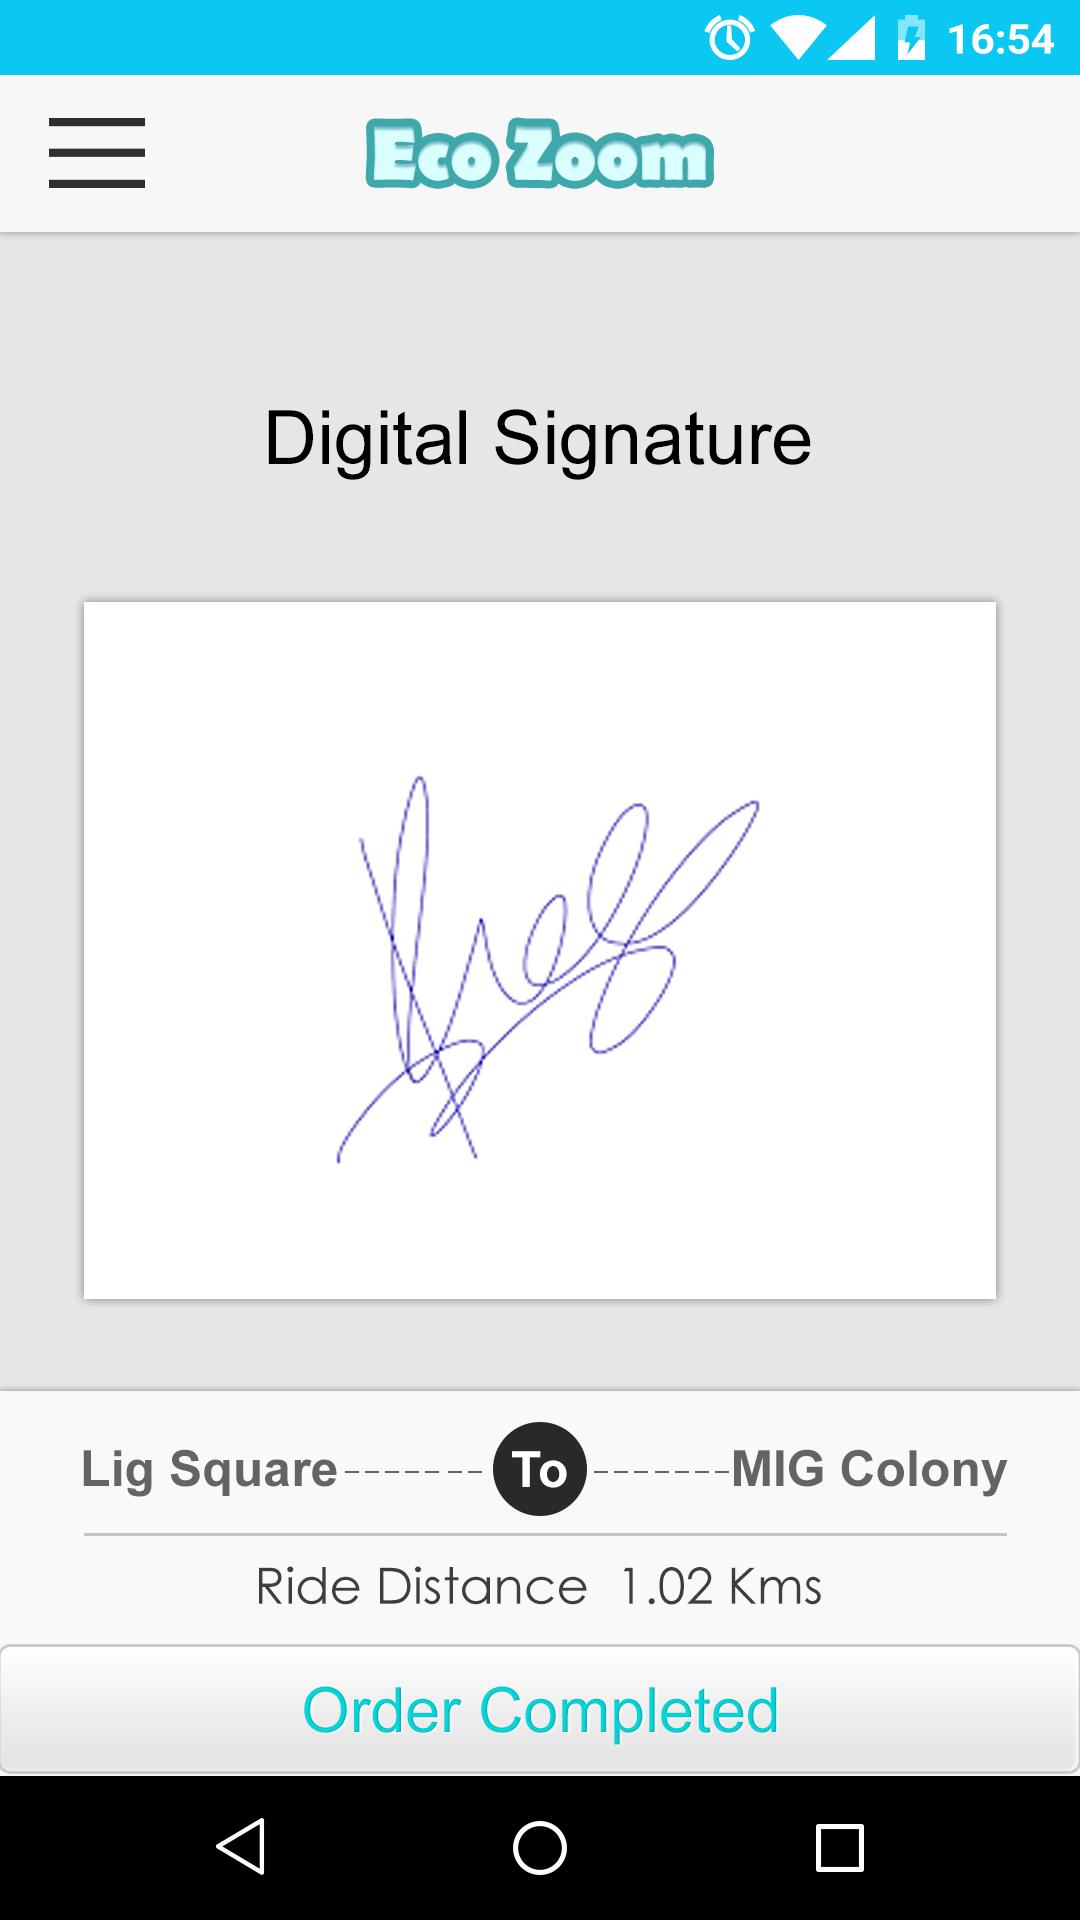 Digital Signature Images